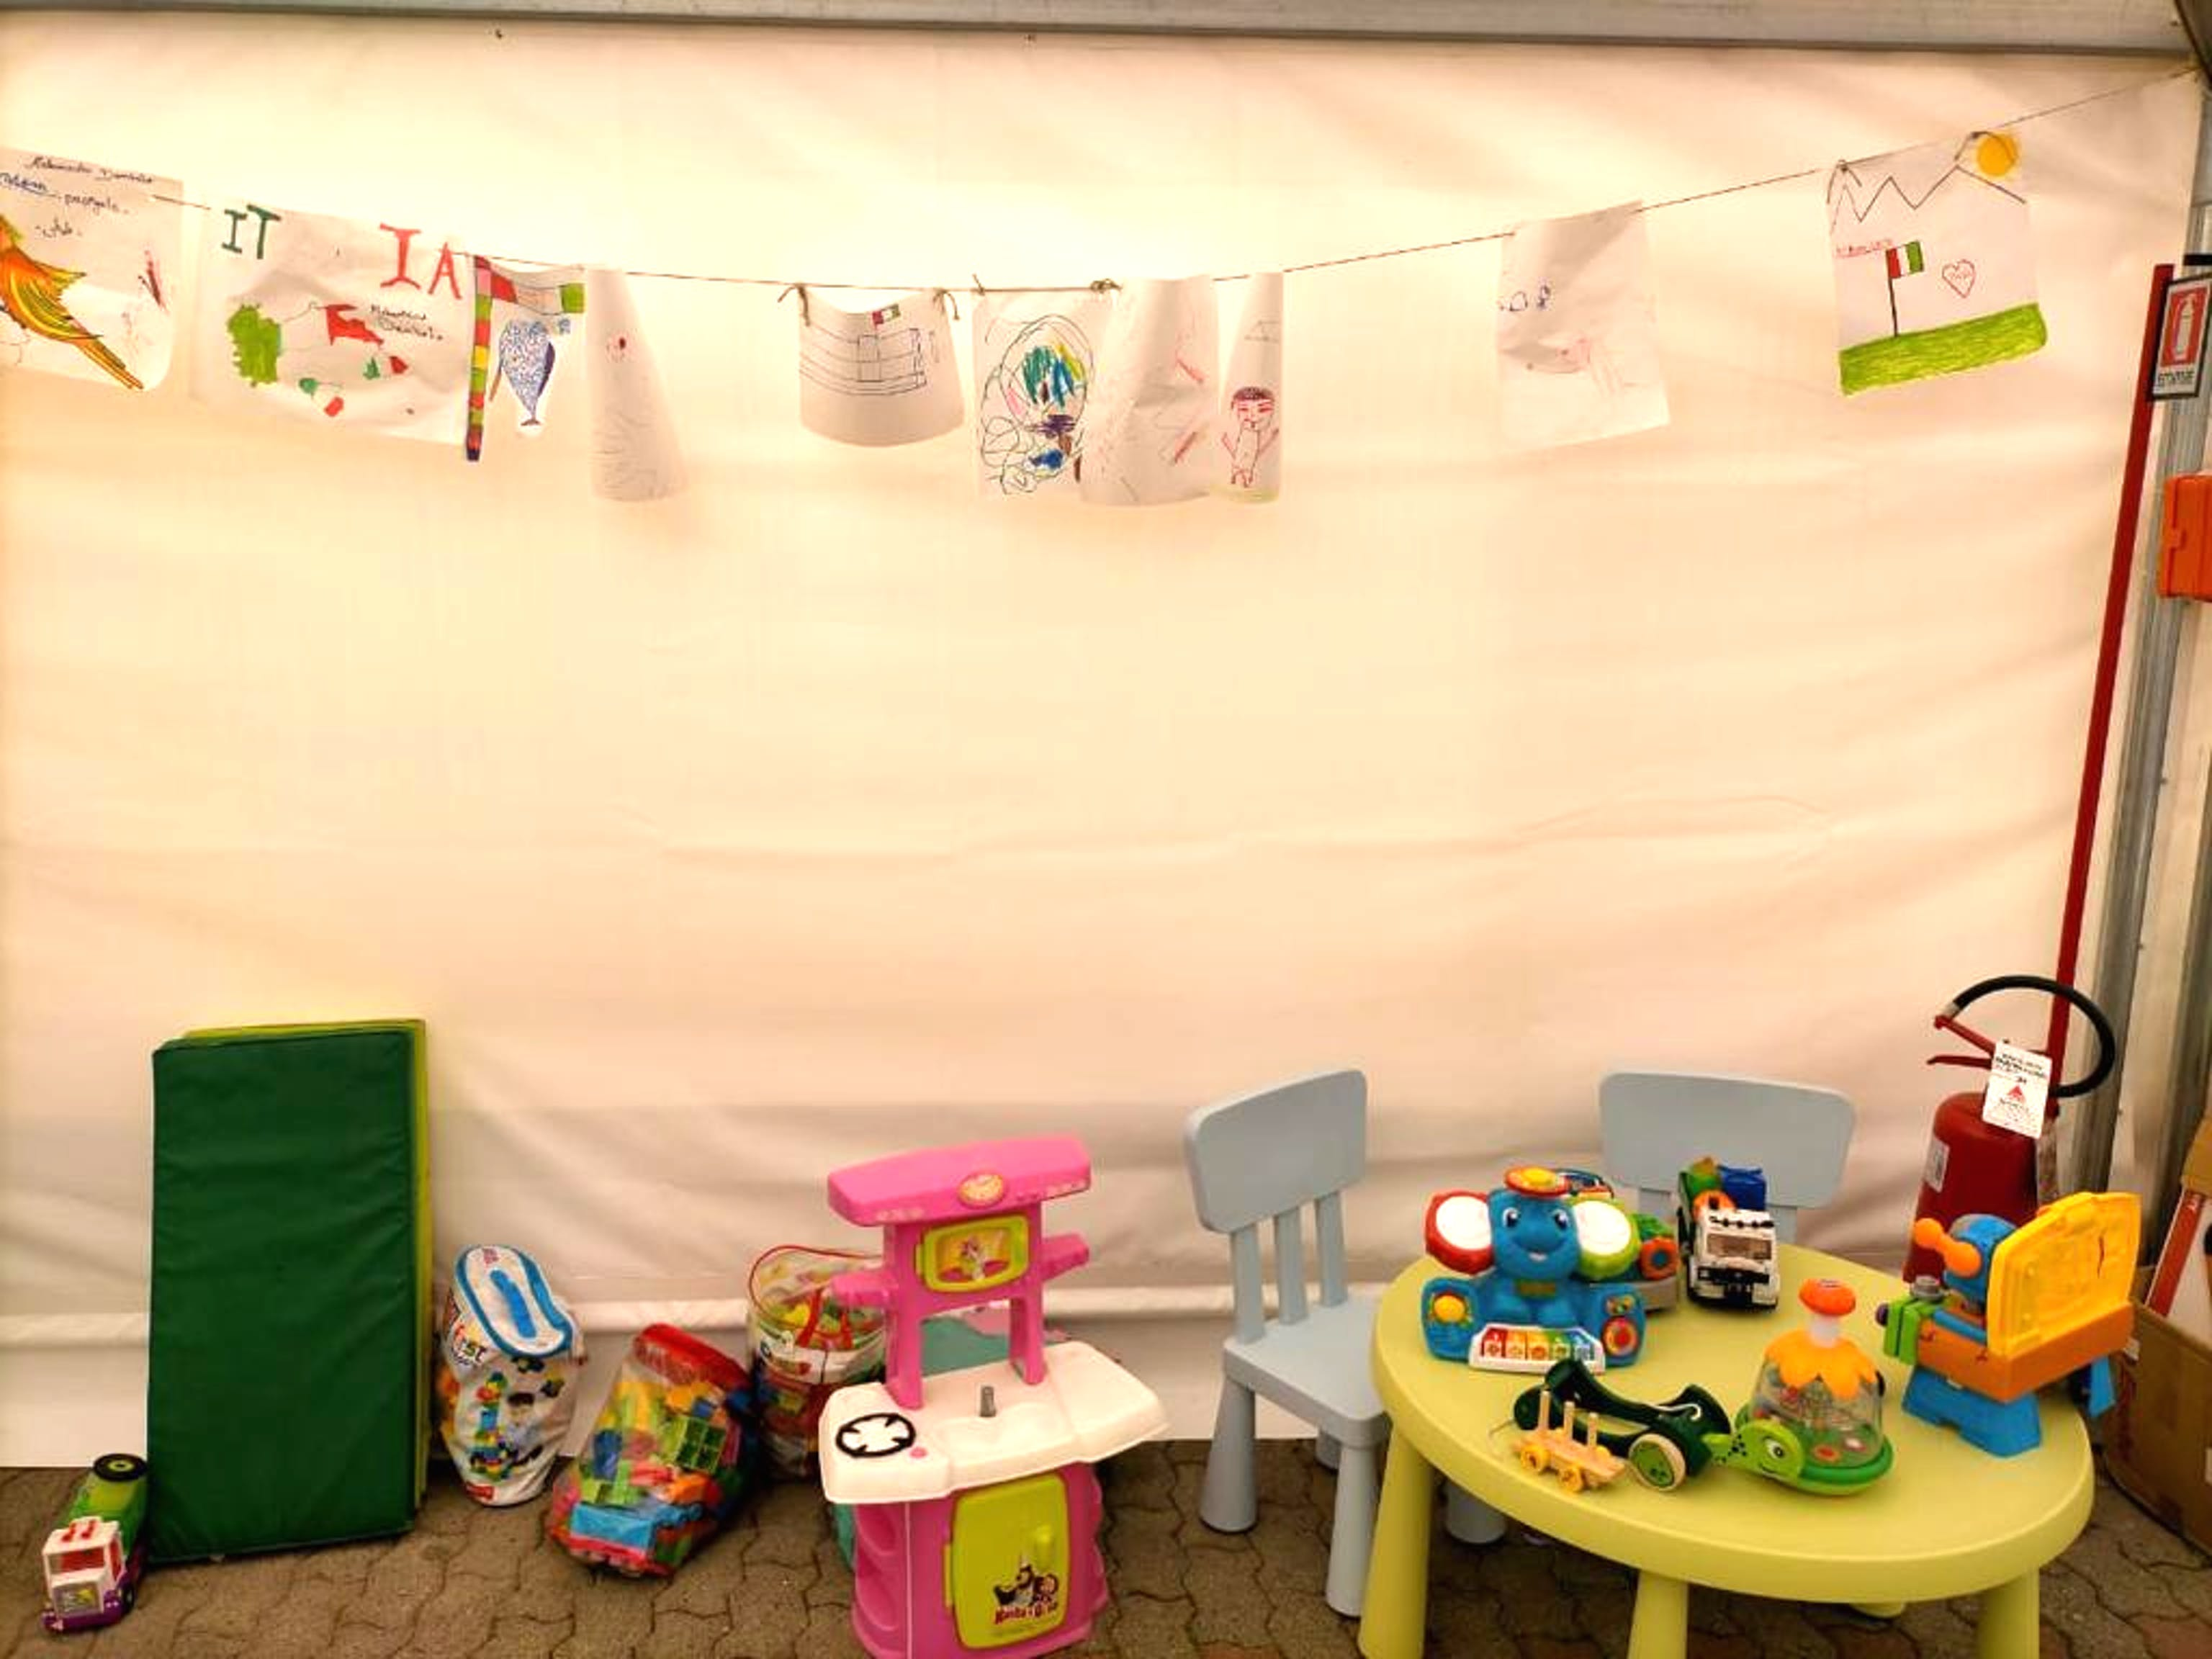 Spazio allestito a Ventimiglia per i bambini nell'ambito dell'operazione congiunta UNICEF-Save the Children